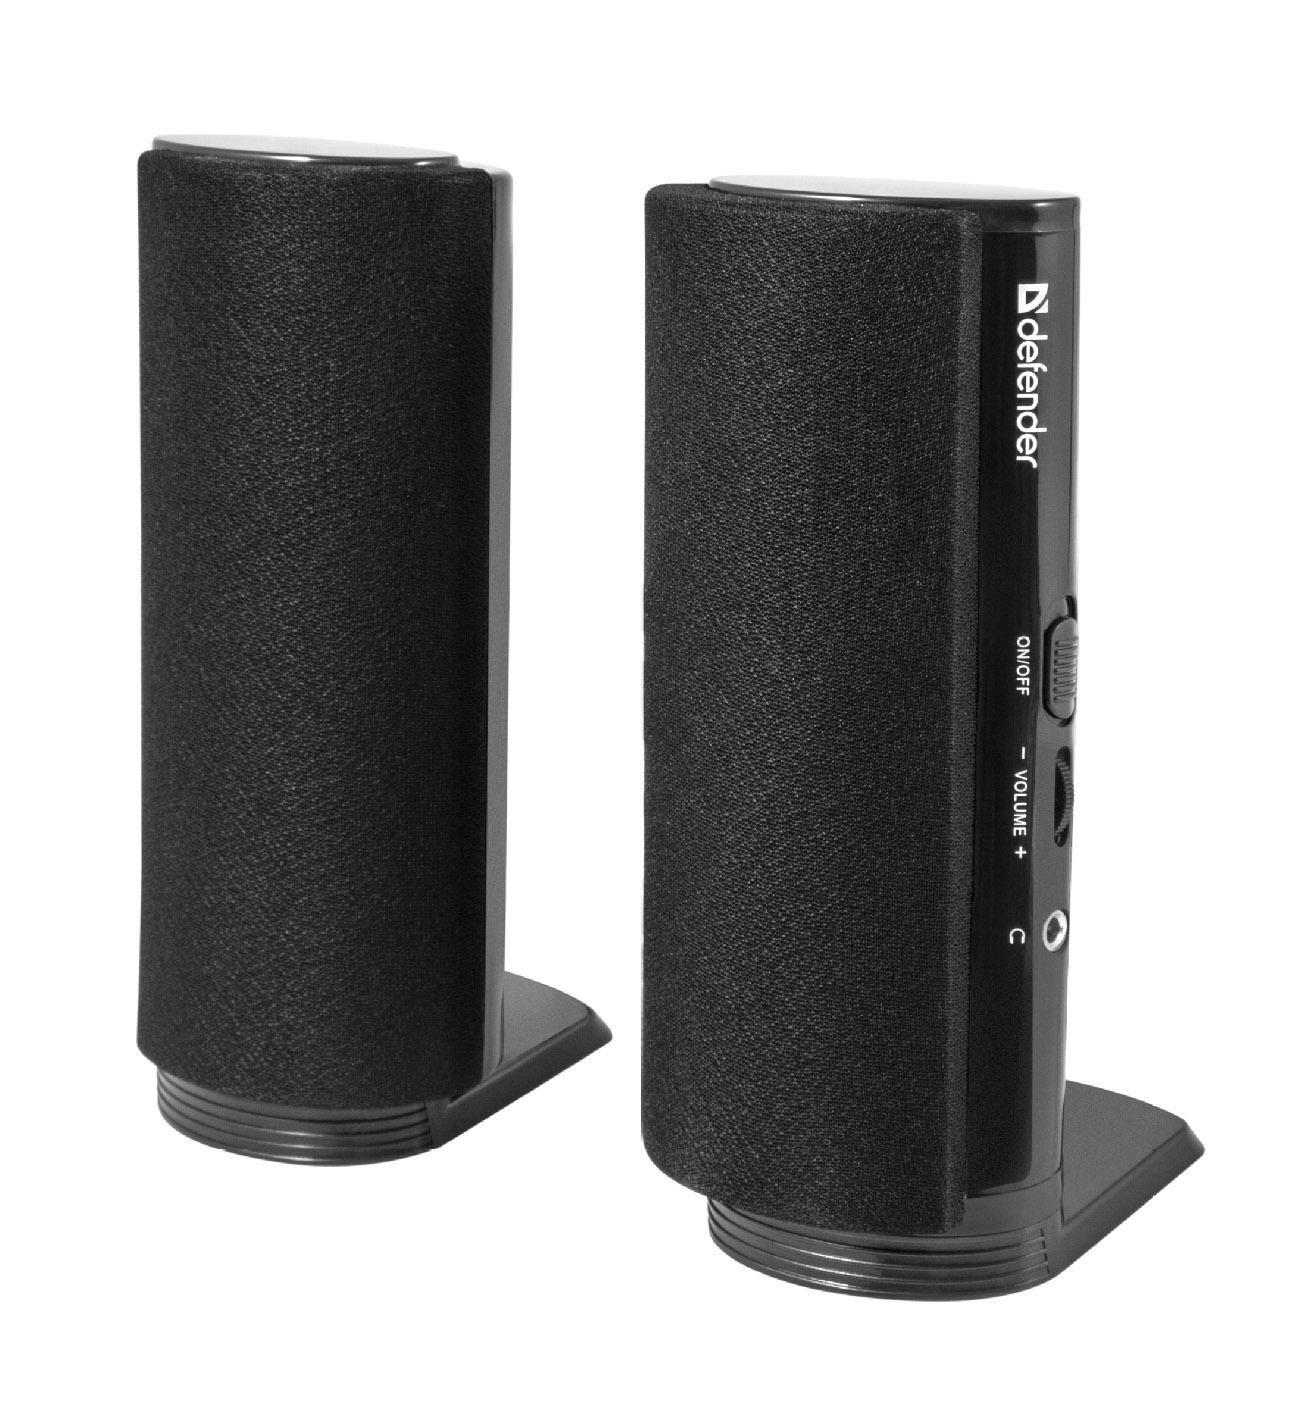 Defender SPK-210 акустическая система 2.0 defender spk 480 акустическая система